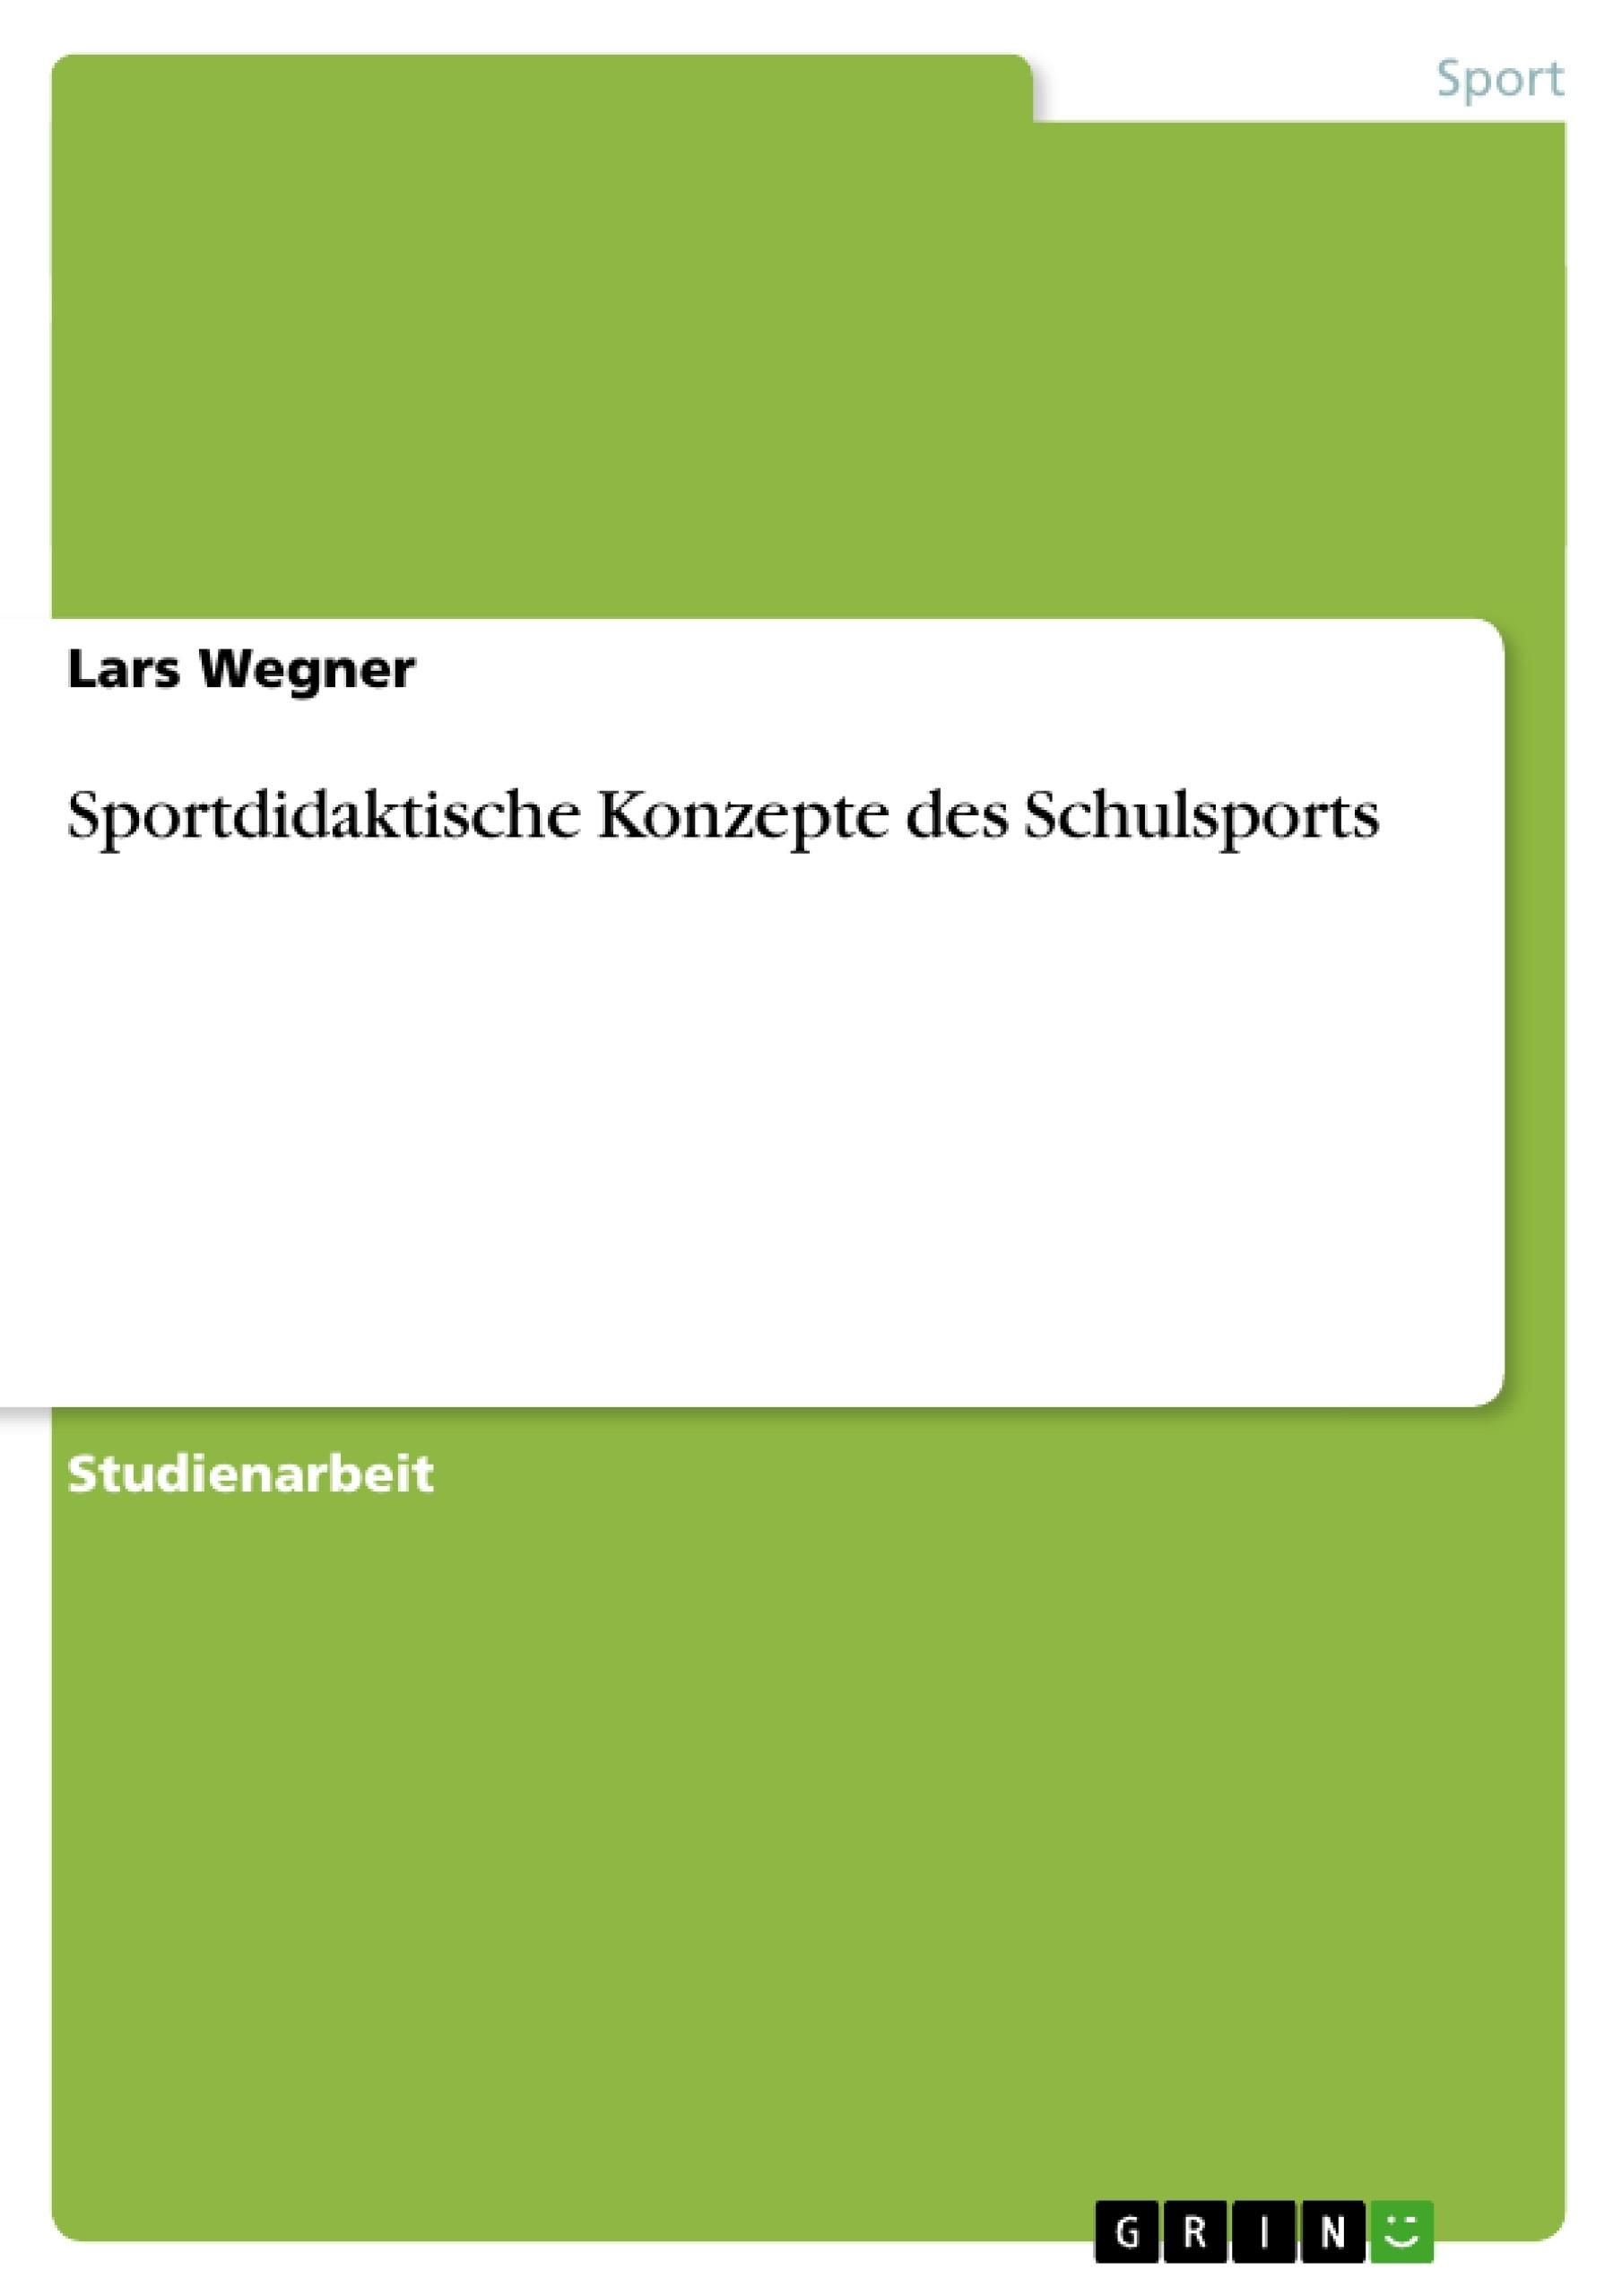 Titel: Sportdidaktische Konzepte des Schulsports